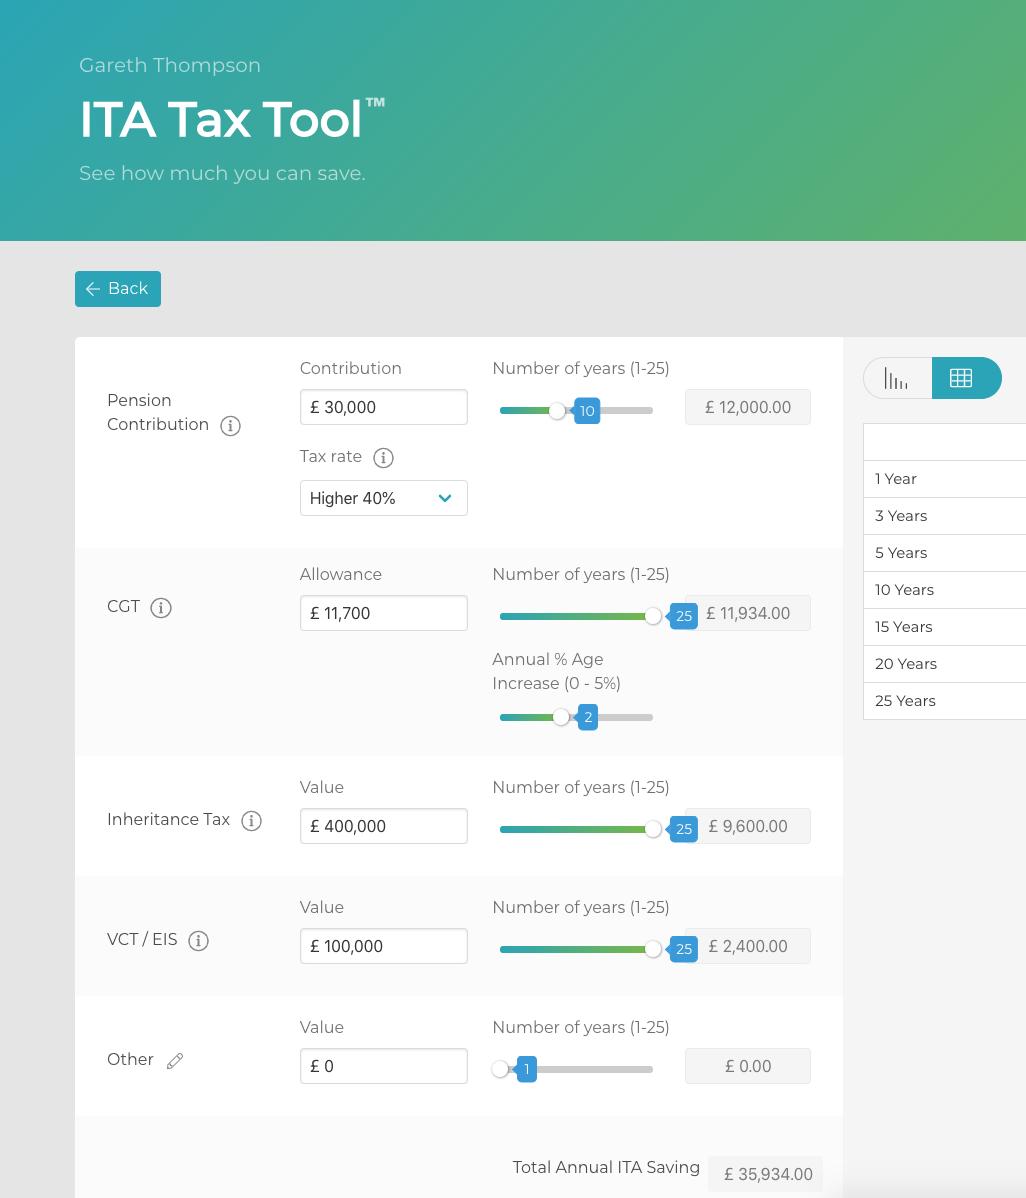 The Indicative Tax Advantages (ITA) Tool